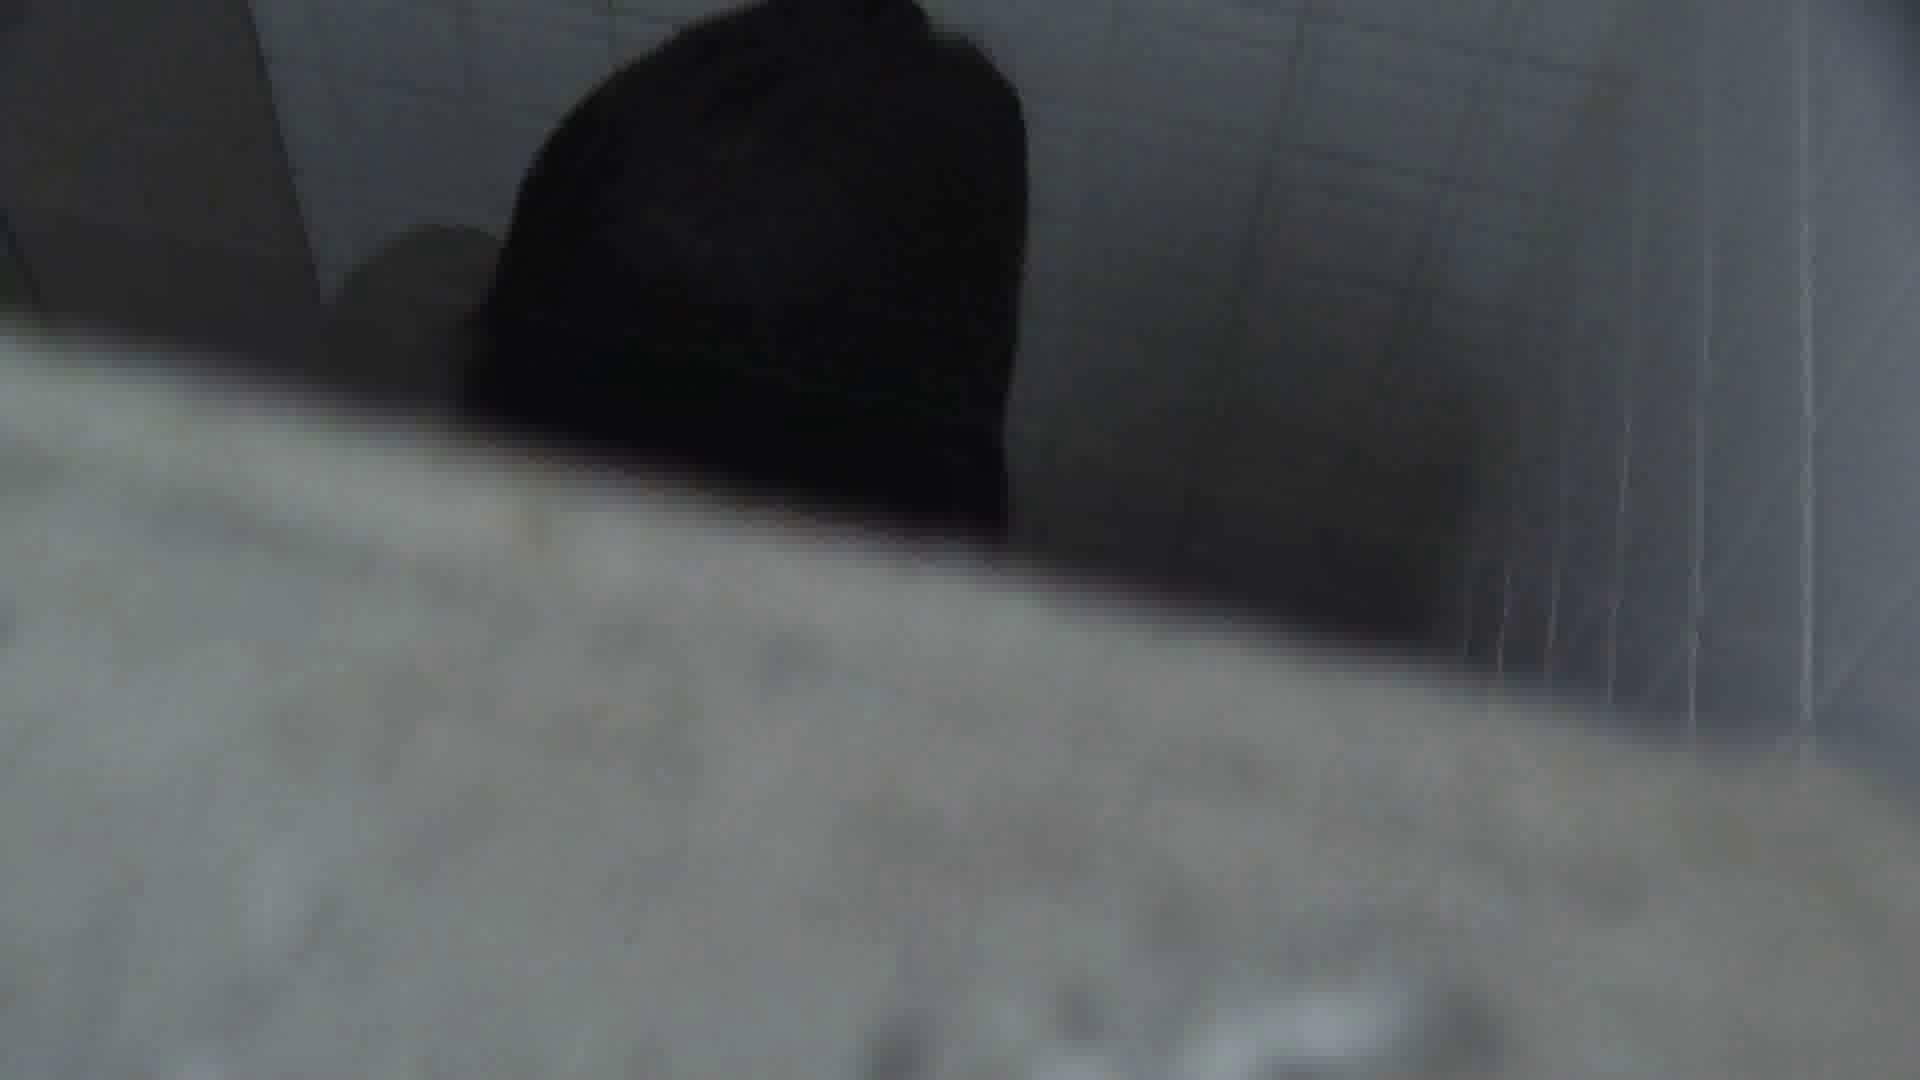 洗面所特攻隊 vol.026 お嬢さんかゆいの? OL | 洗面所着替え  34連発 30